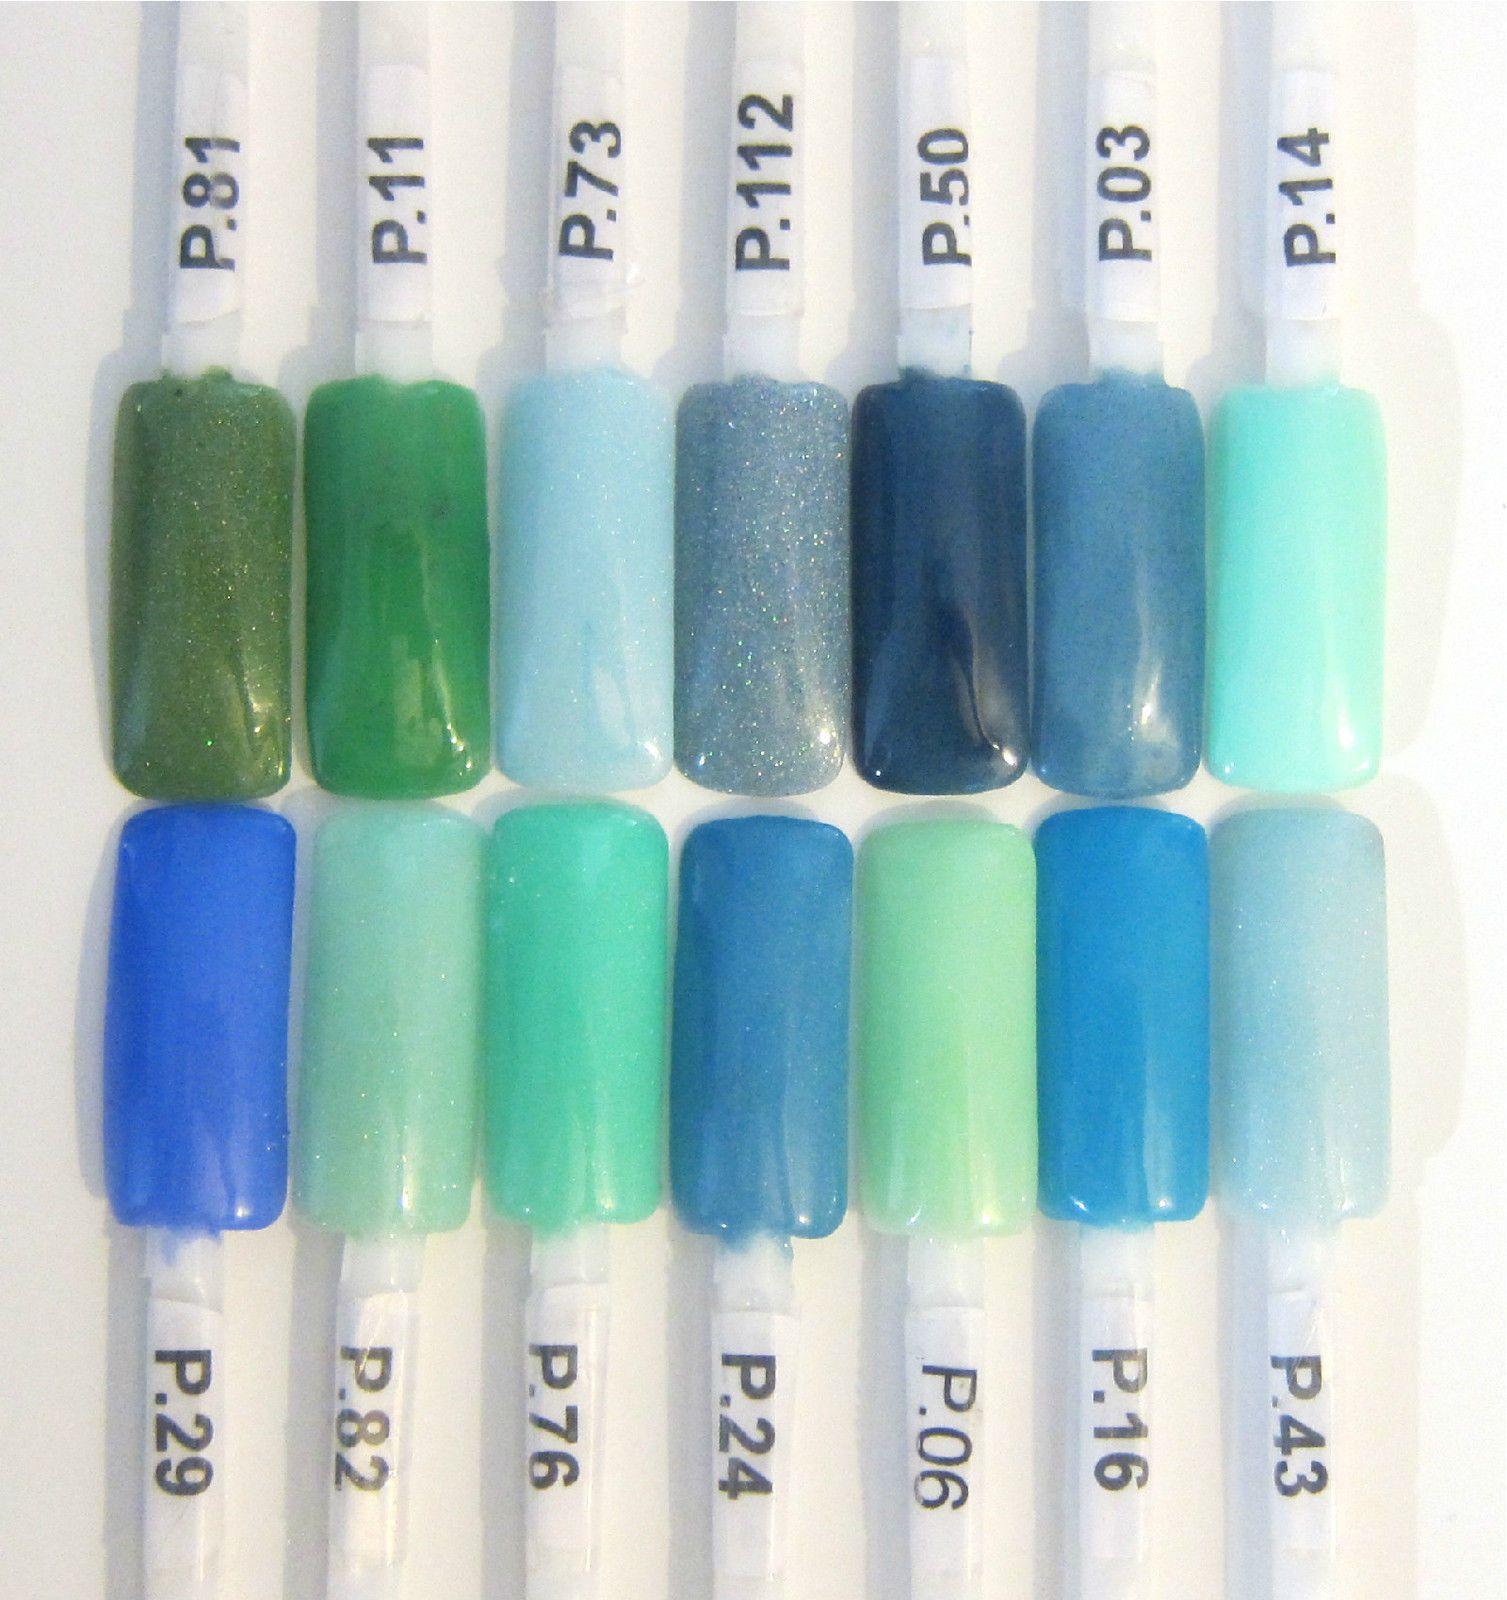 EZ Dip Color Chart: Blues